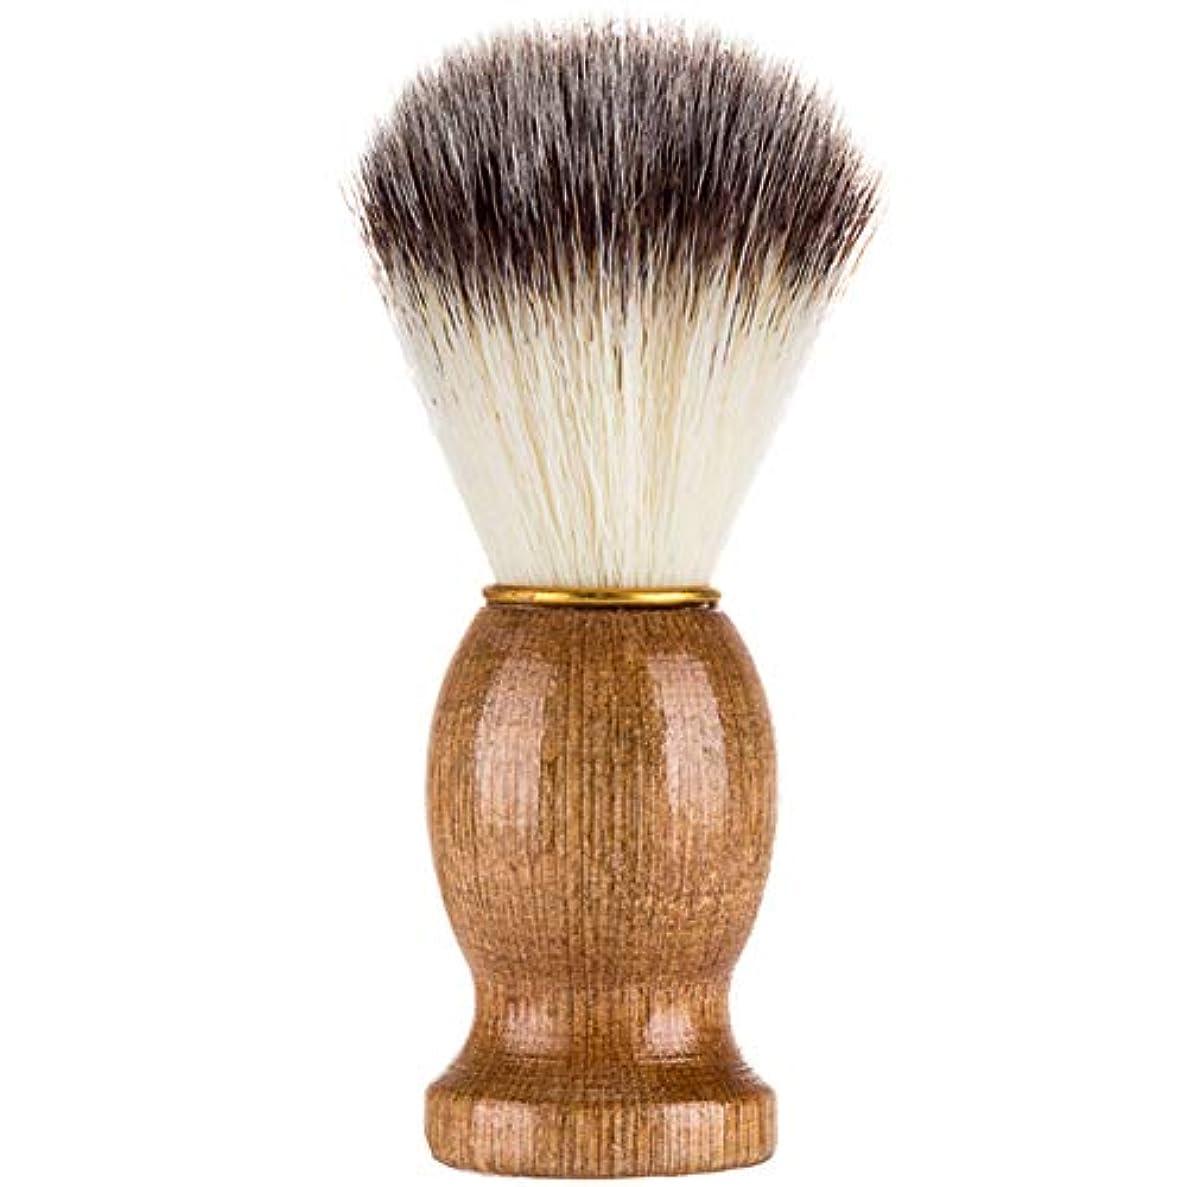 複製する不格好あえてProfeel シェービングブラシ、シェービングブラシ、男性シェービングブラシシェービングかみそりブラシサロン理髪店用ツールひげ剃り用品